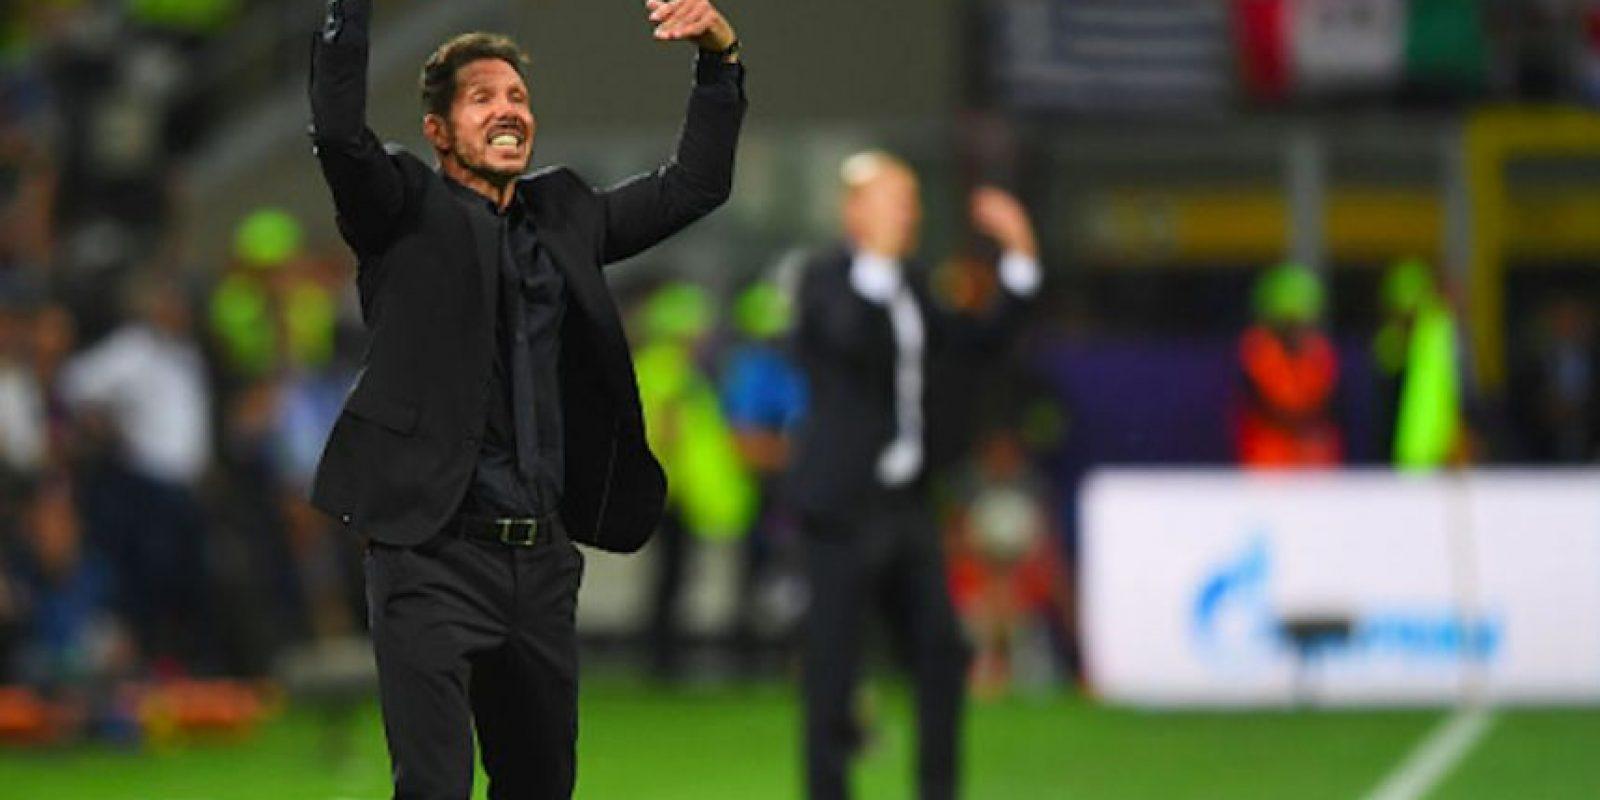 """El """"Cholo"""" Simeone no sabe si continuará en el Atlético de Madrid. Foto:Getty Images"""